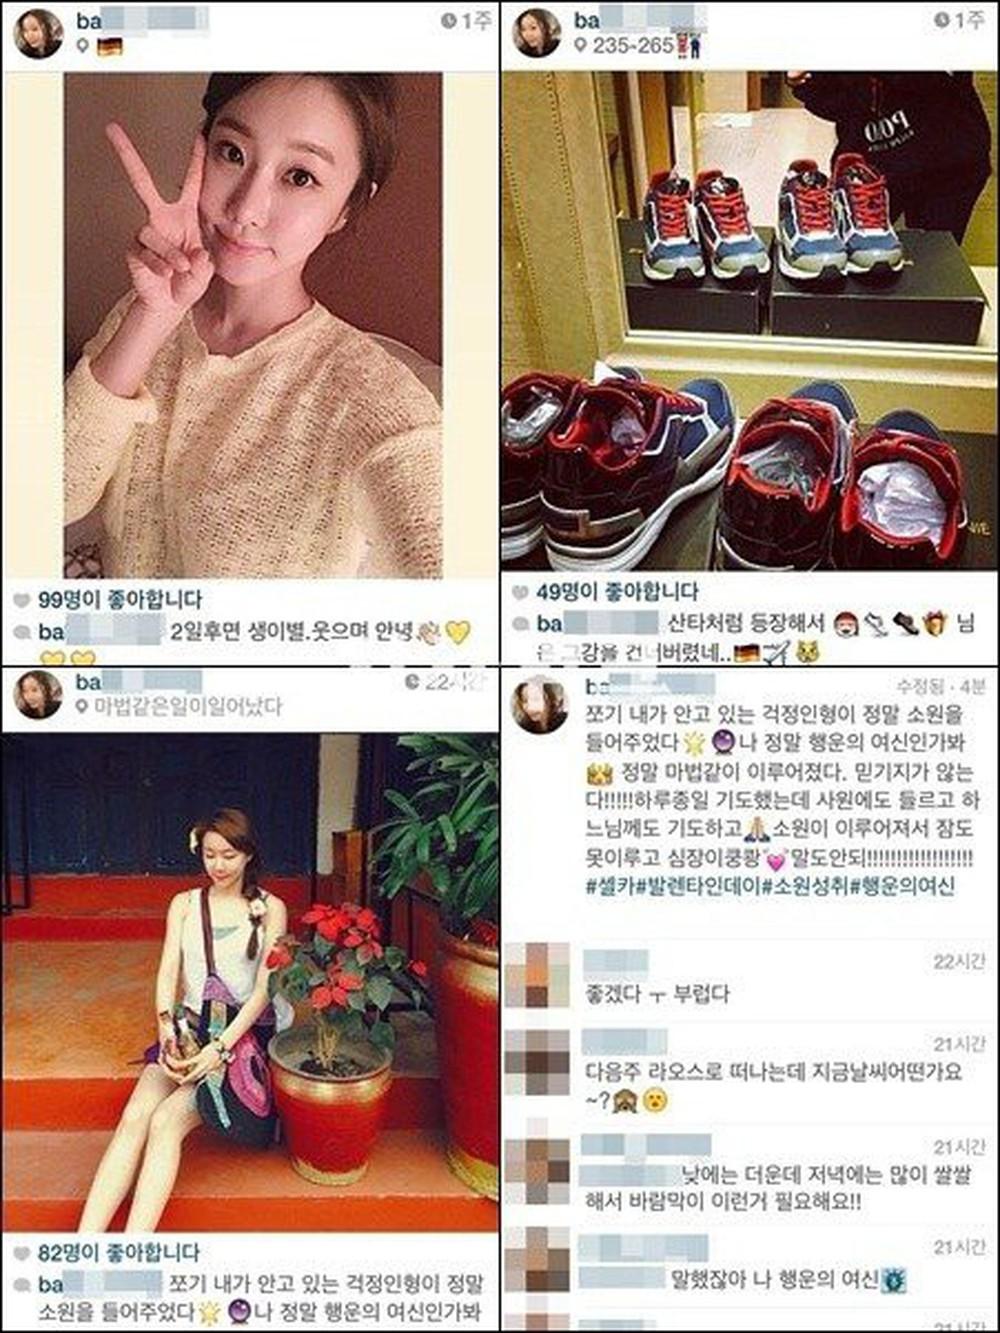 Khổ như làm bạn gái Son Heung-min: Hứng gạch đá thê thảm, chìm nghỉm trong những lời đàm tiếu háo danh, không cùng đẳng cấp - Ảnh 5.